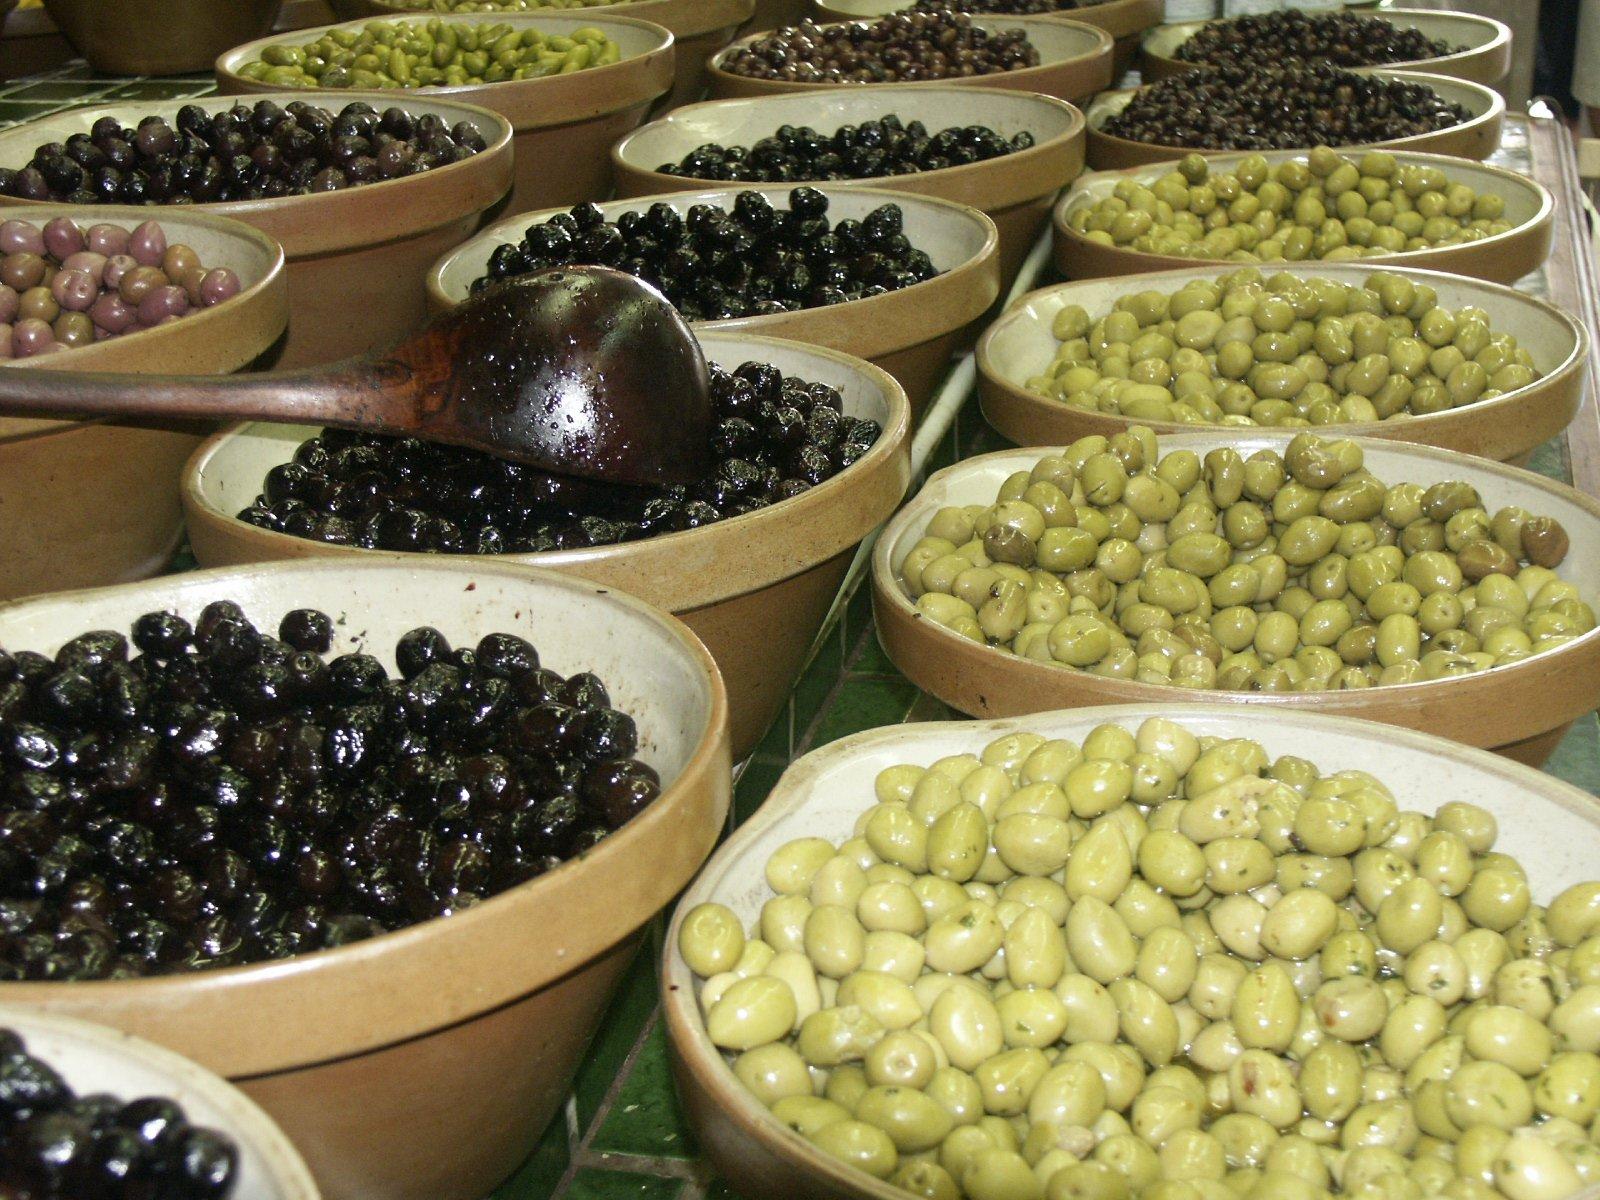 Оливки или маслины в чём разница и польза? Разновидности 13